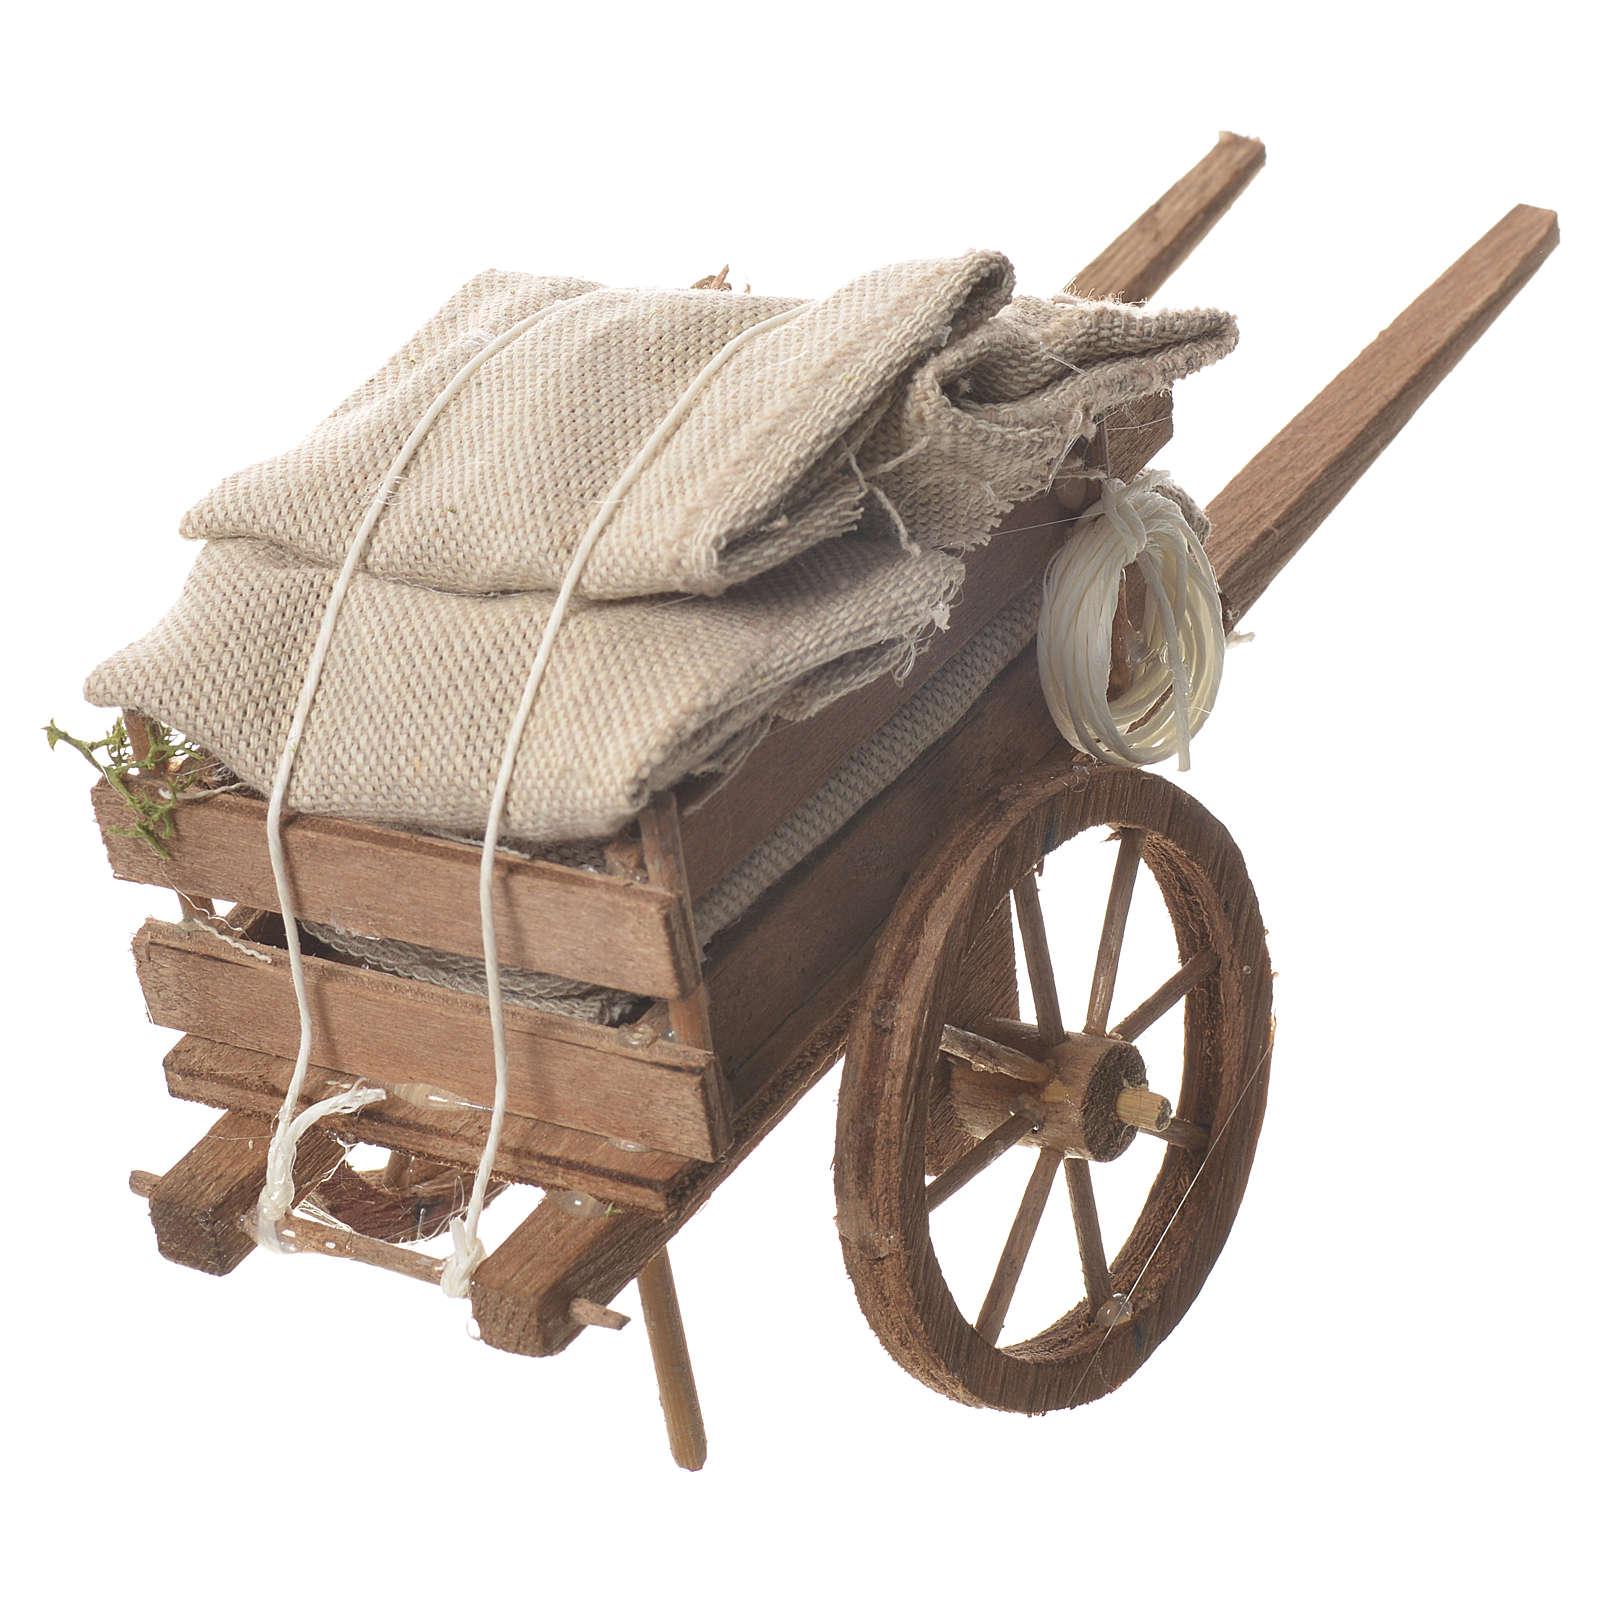 Carro sacchi presepe napoletano 18x6 4